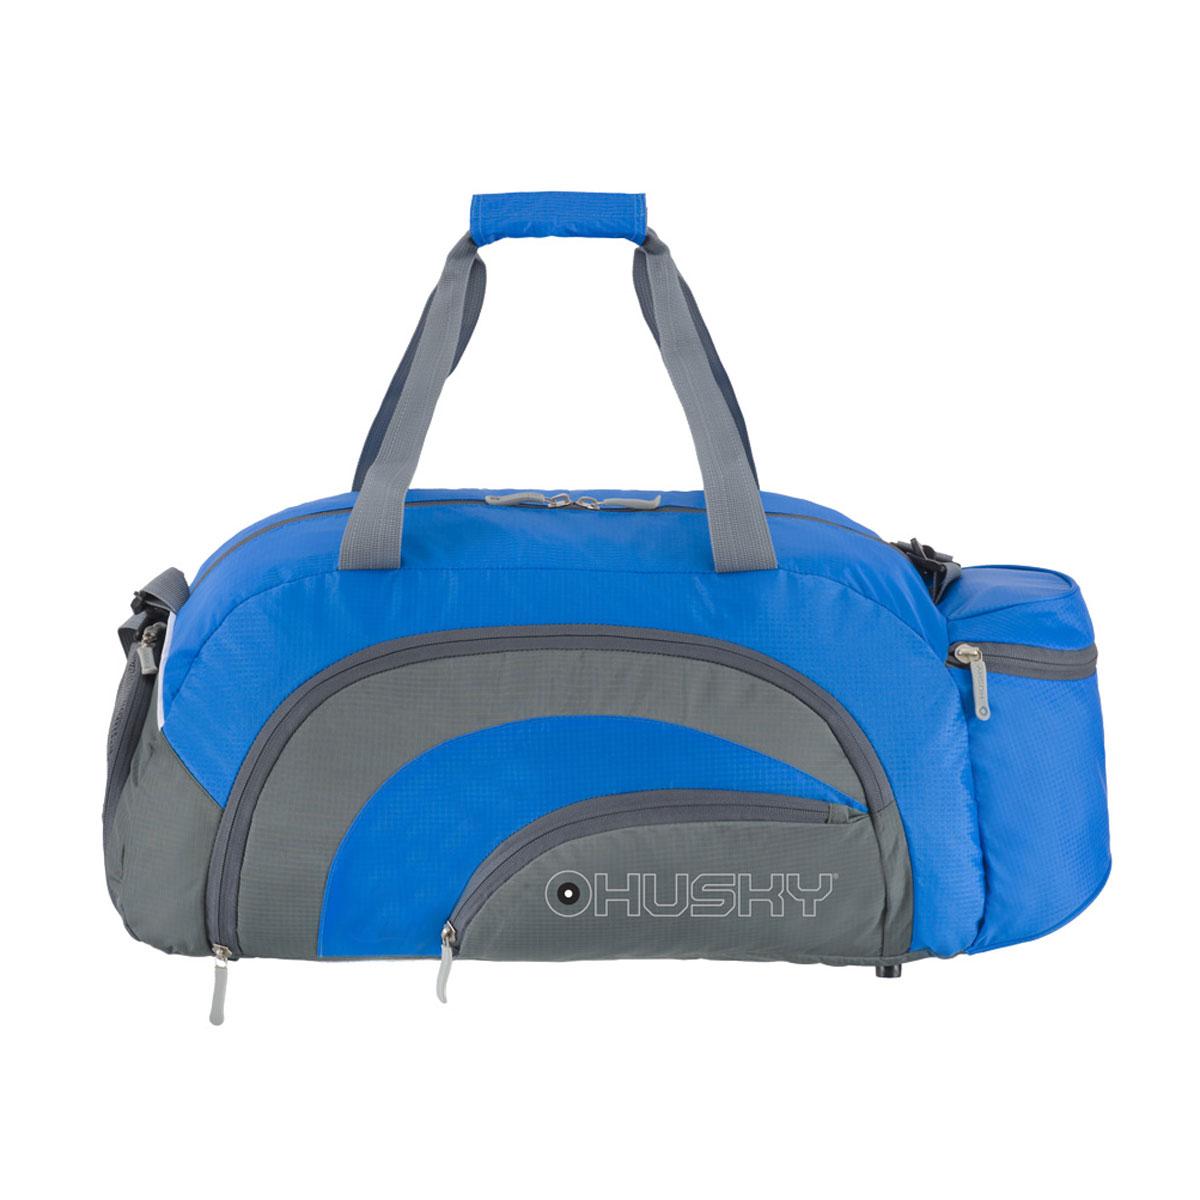 Сумка спортивная Husky Glade 38, цвет: синийГризлиКомфортная и практичная спортивная сумка Glade 38.Особенности модели: Водонепроницаемая ткань, Карман для обуви с вентиляцией, Три наружных кармана, Внутренний органайзер, Съемный наплечный ремень.